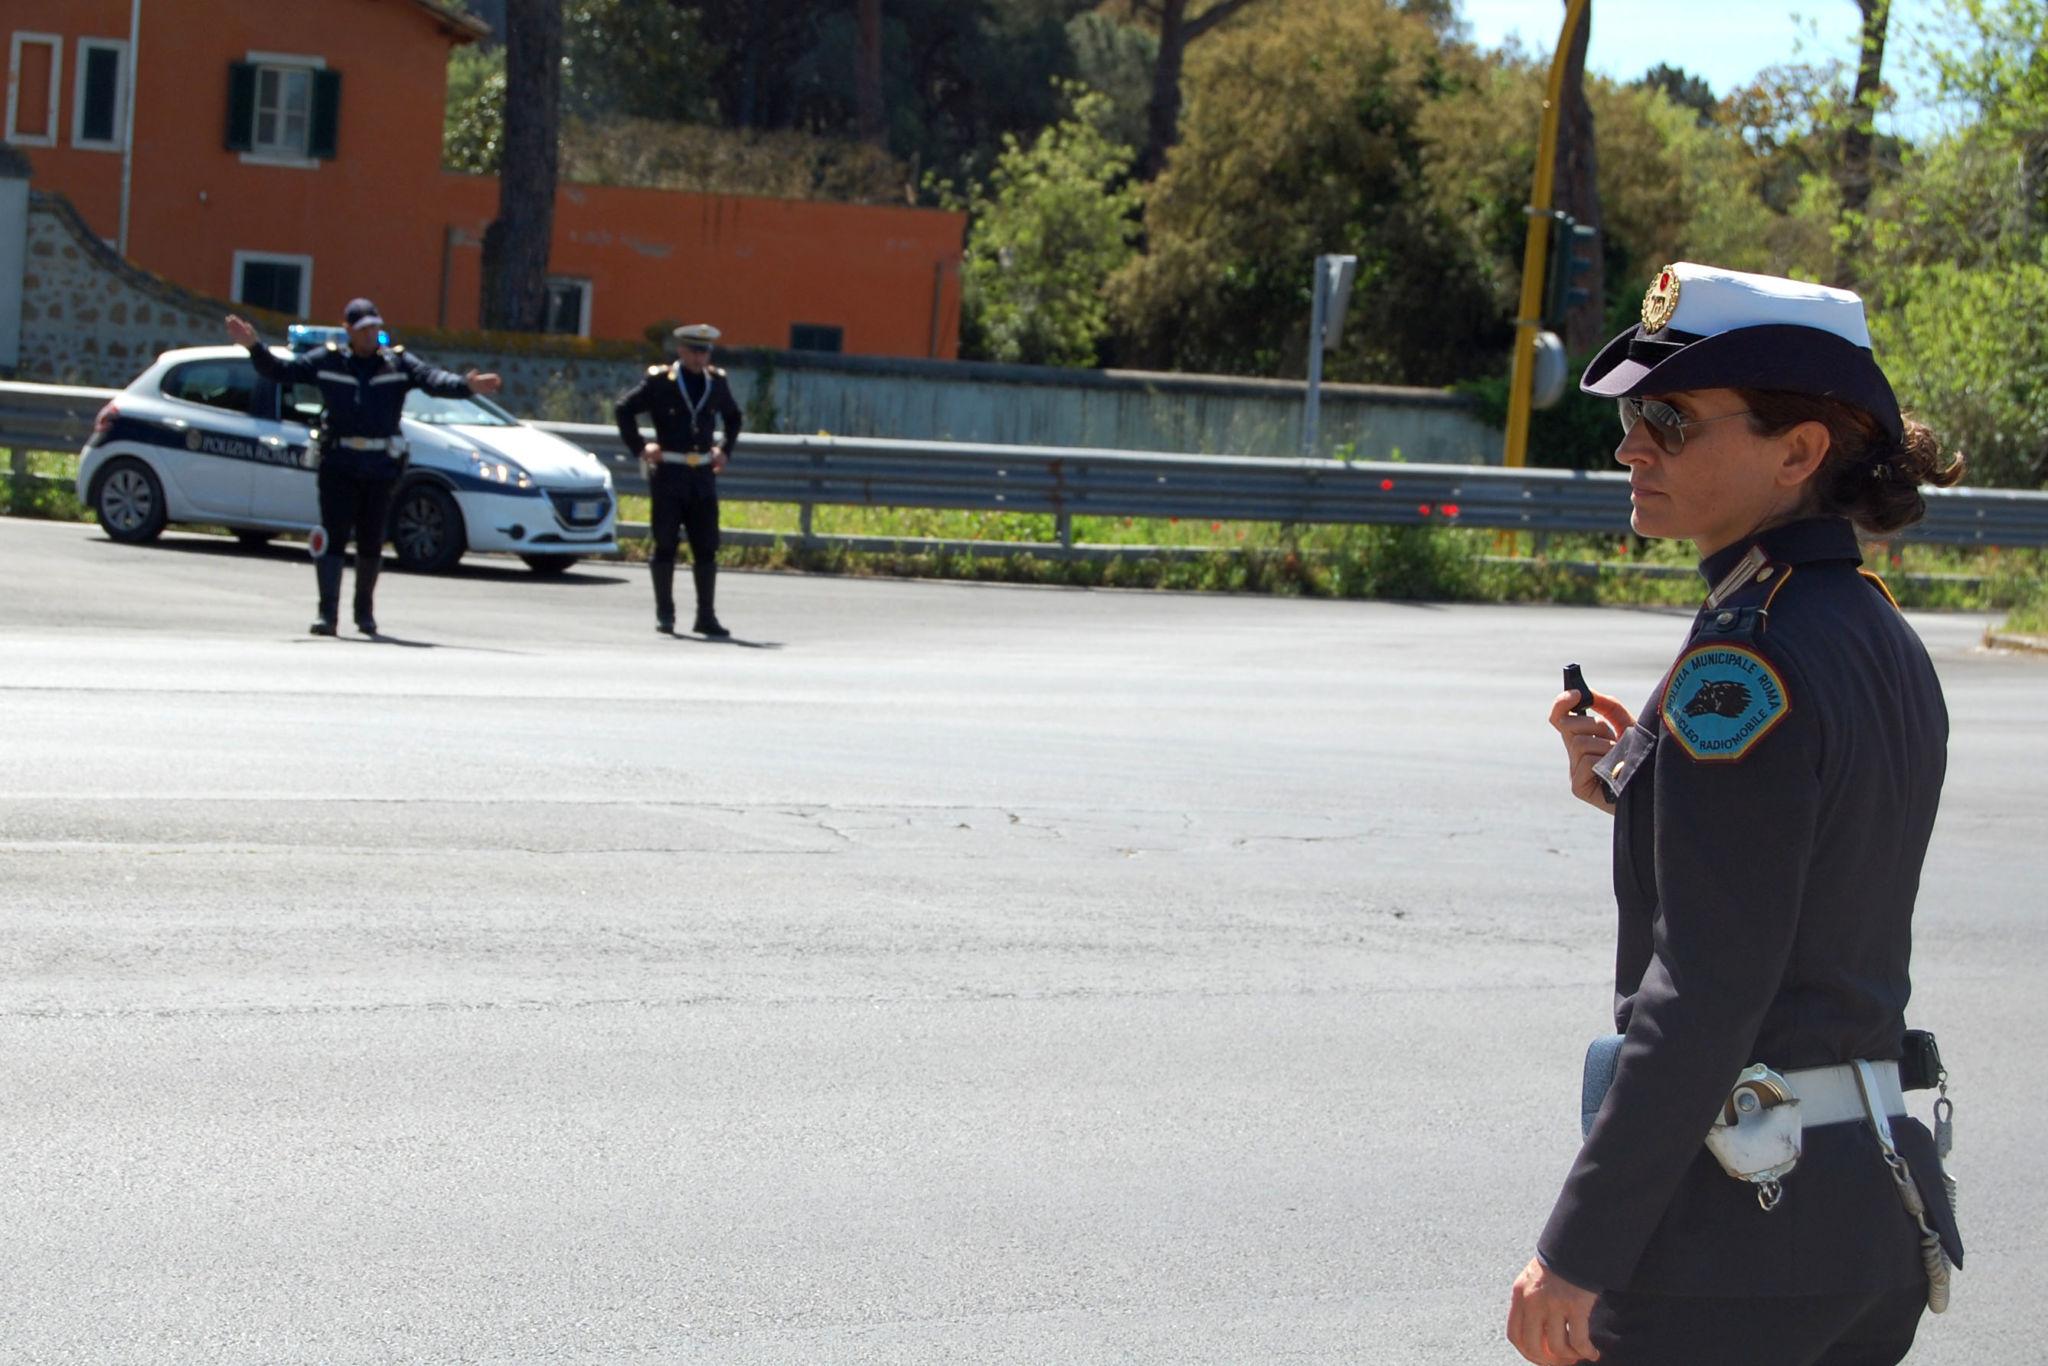 Incidente mortale via Tiburtina e sciacallaggio ai danni del ciclista defunto: individuato a Guidonia il responsabile